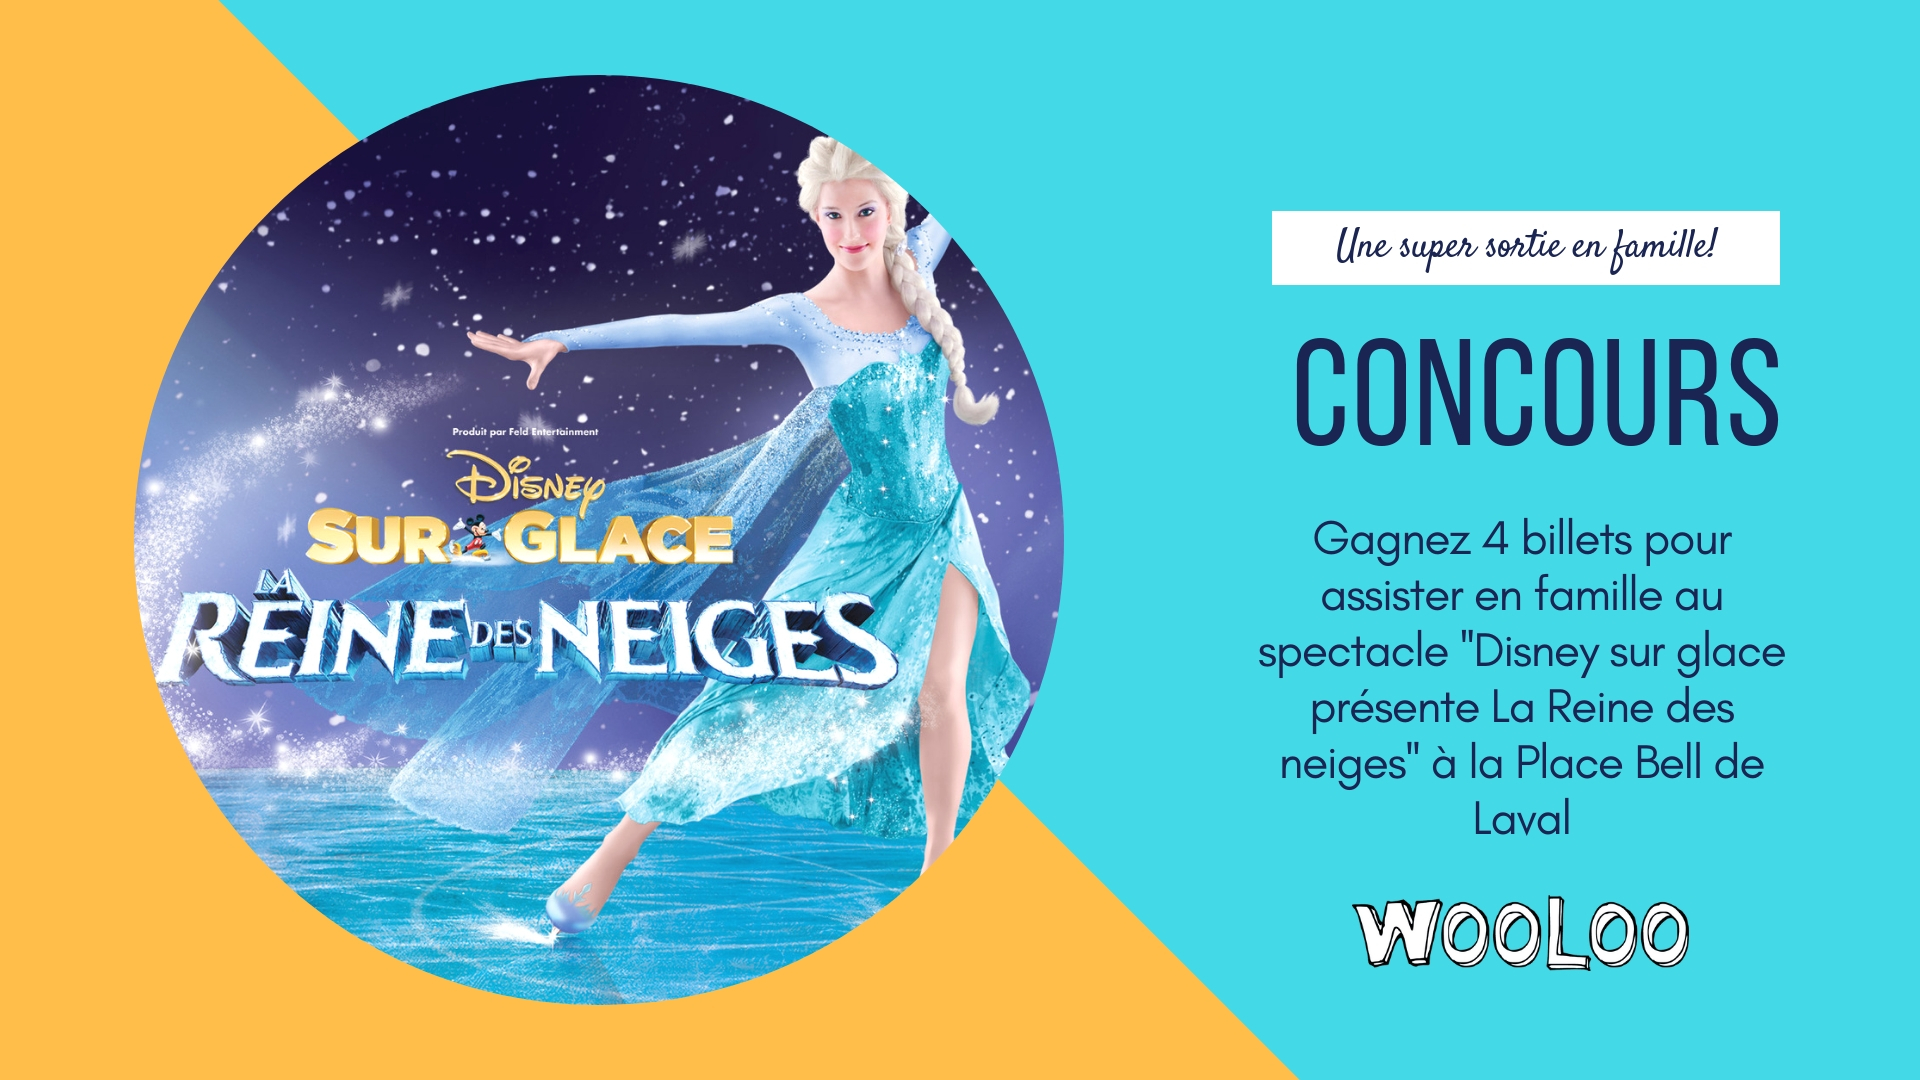 CONCOURS: Disney sur glace présente La Reine des neiges